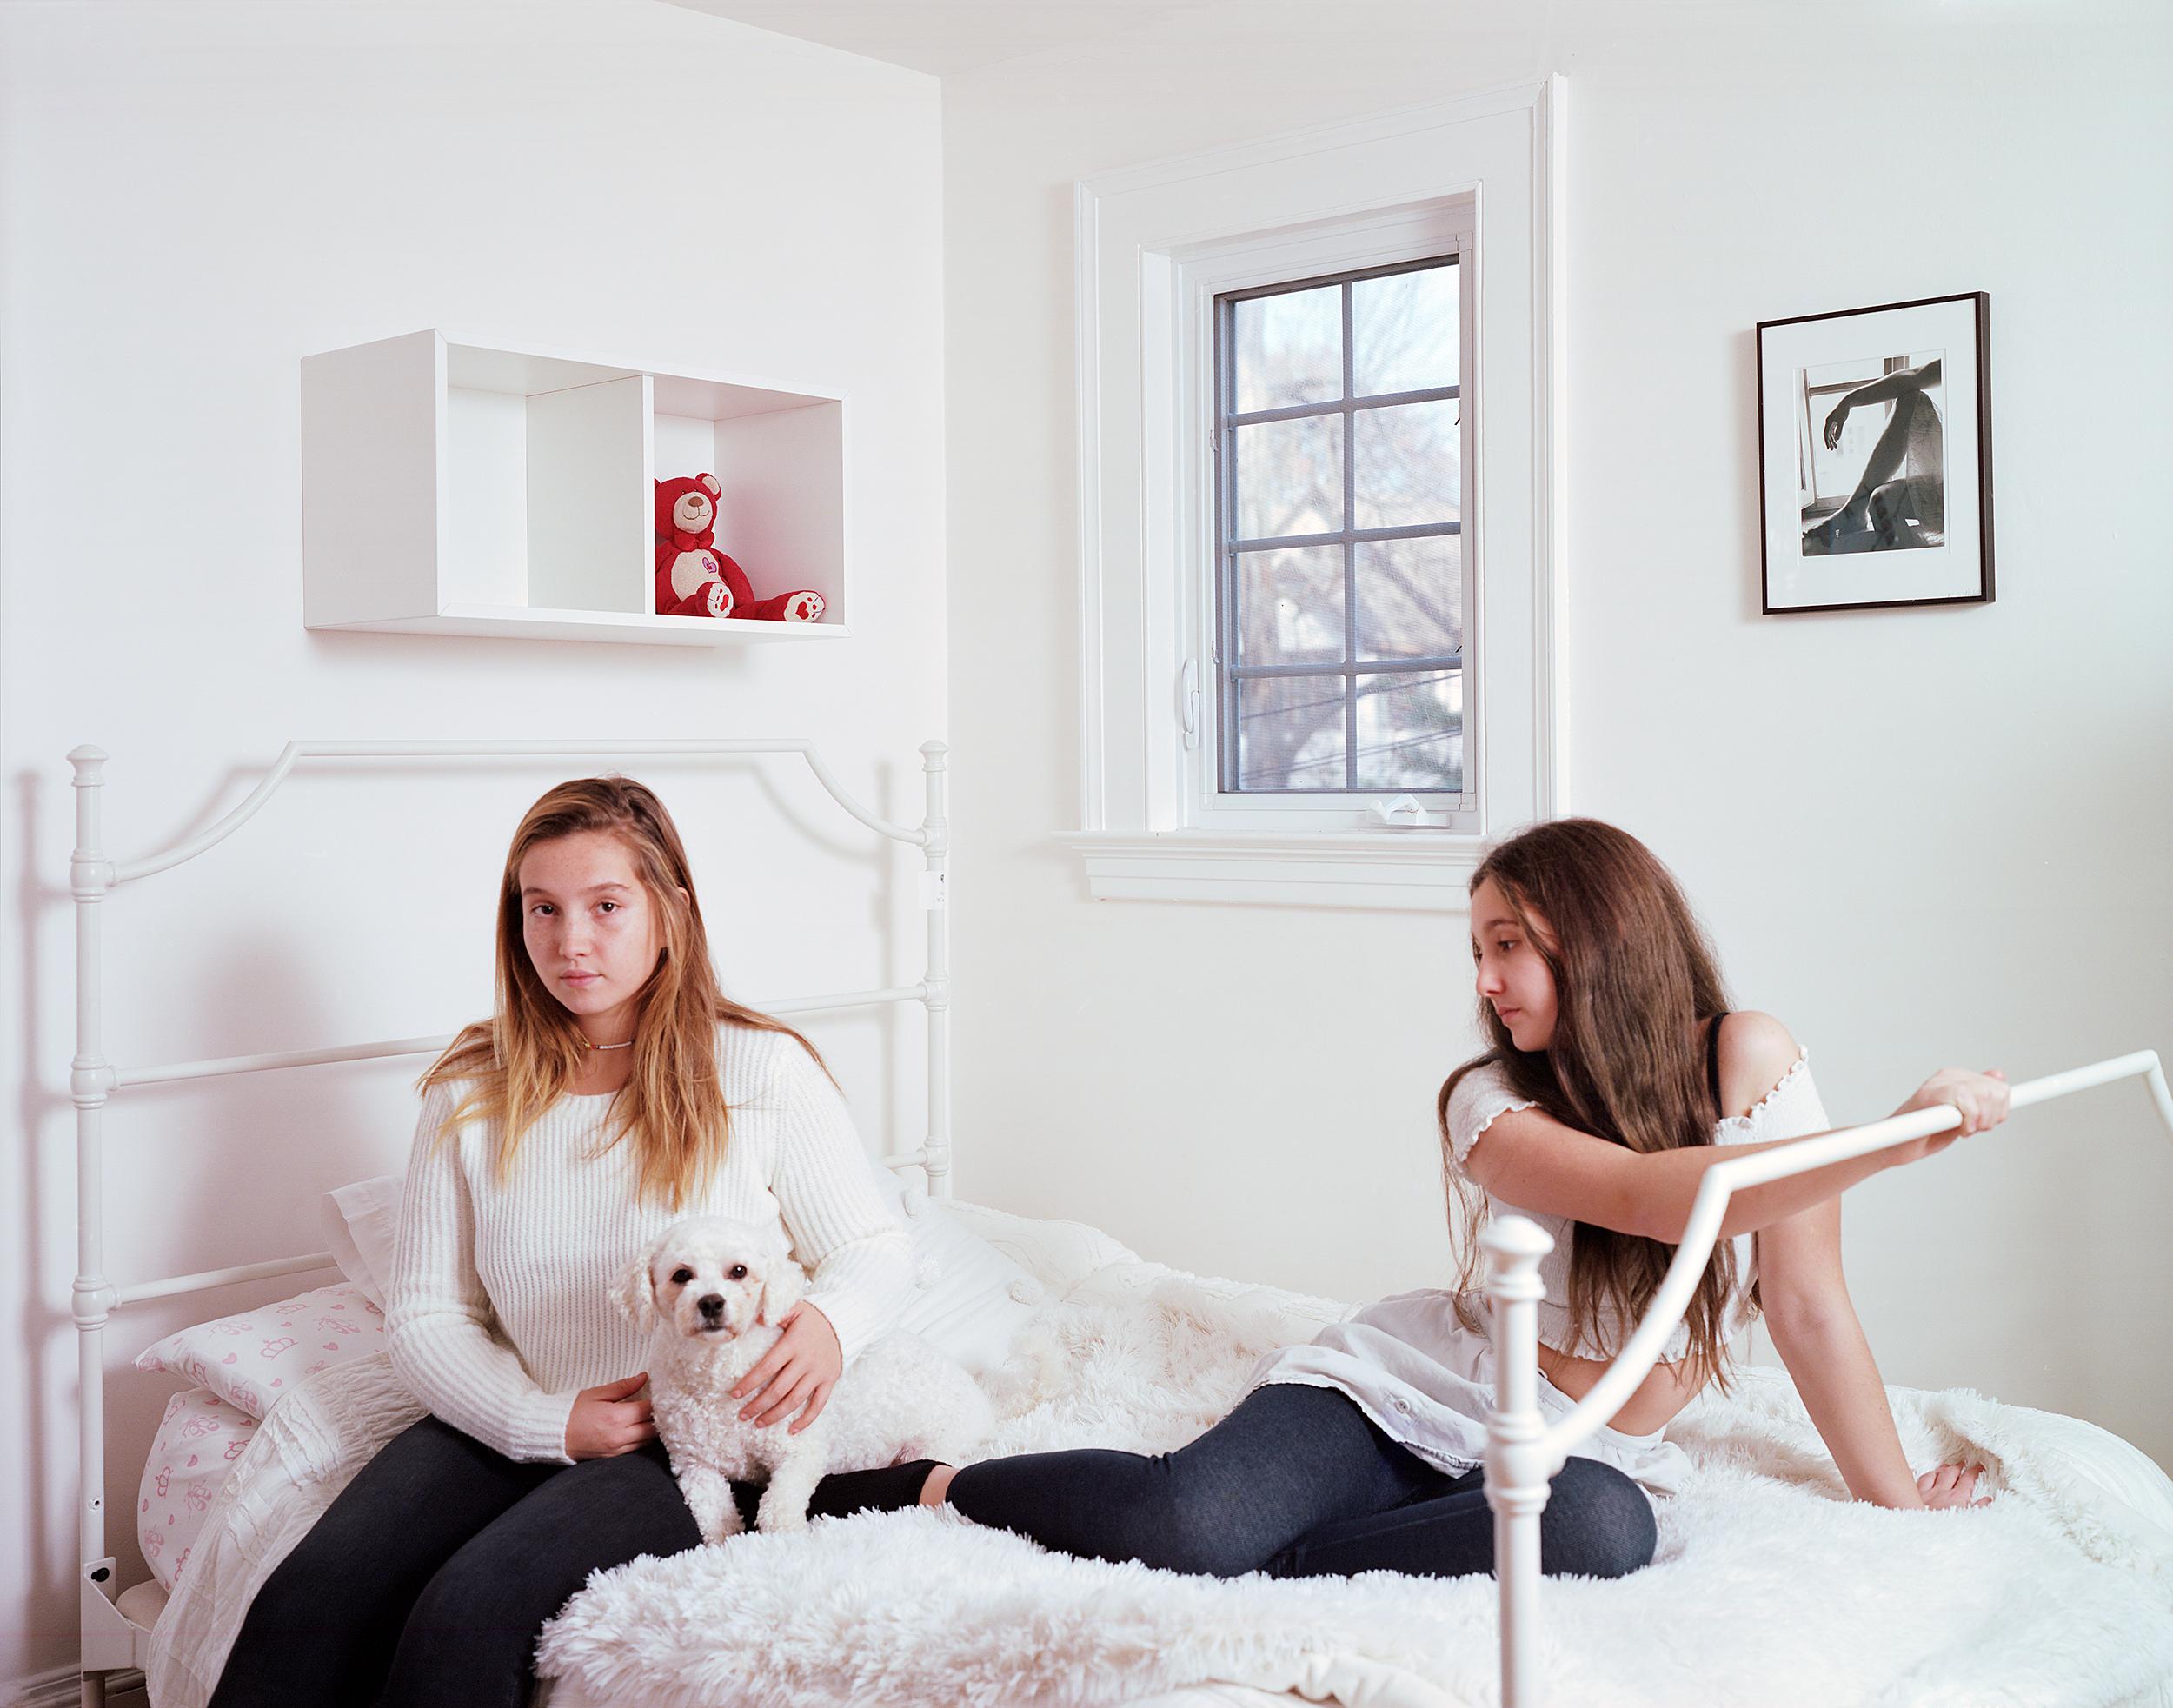 Anya and Stella, 2017